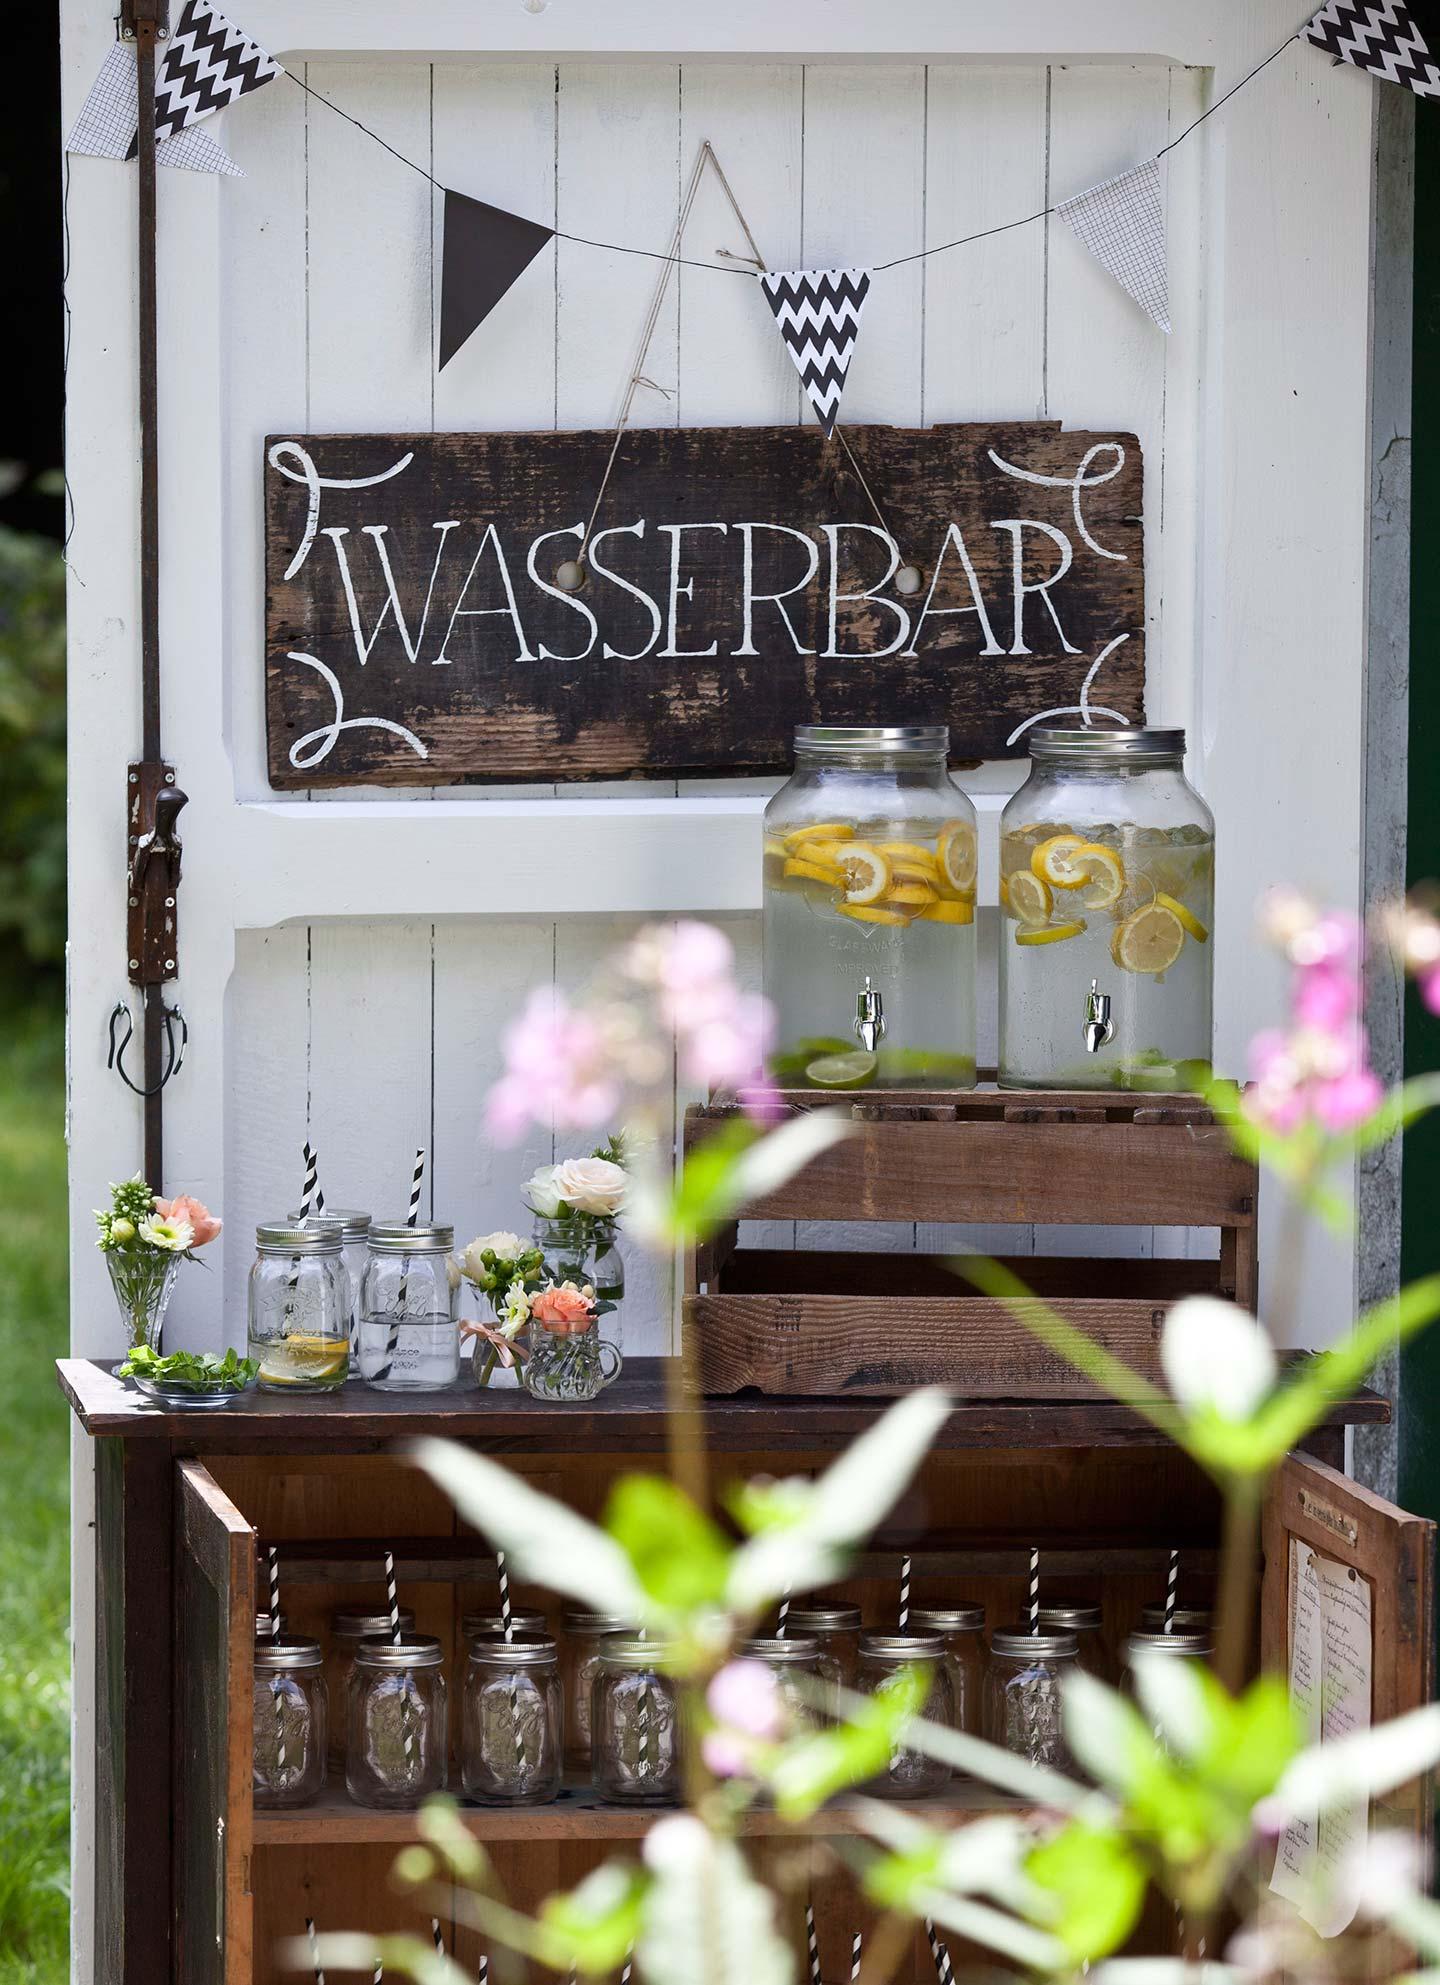 Wasserbar-1g-(Eileen-Maes-Hochzeitsfotografie)